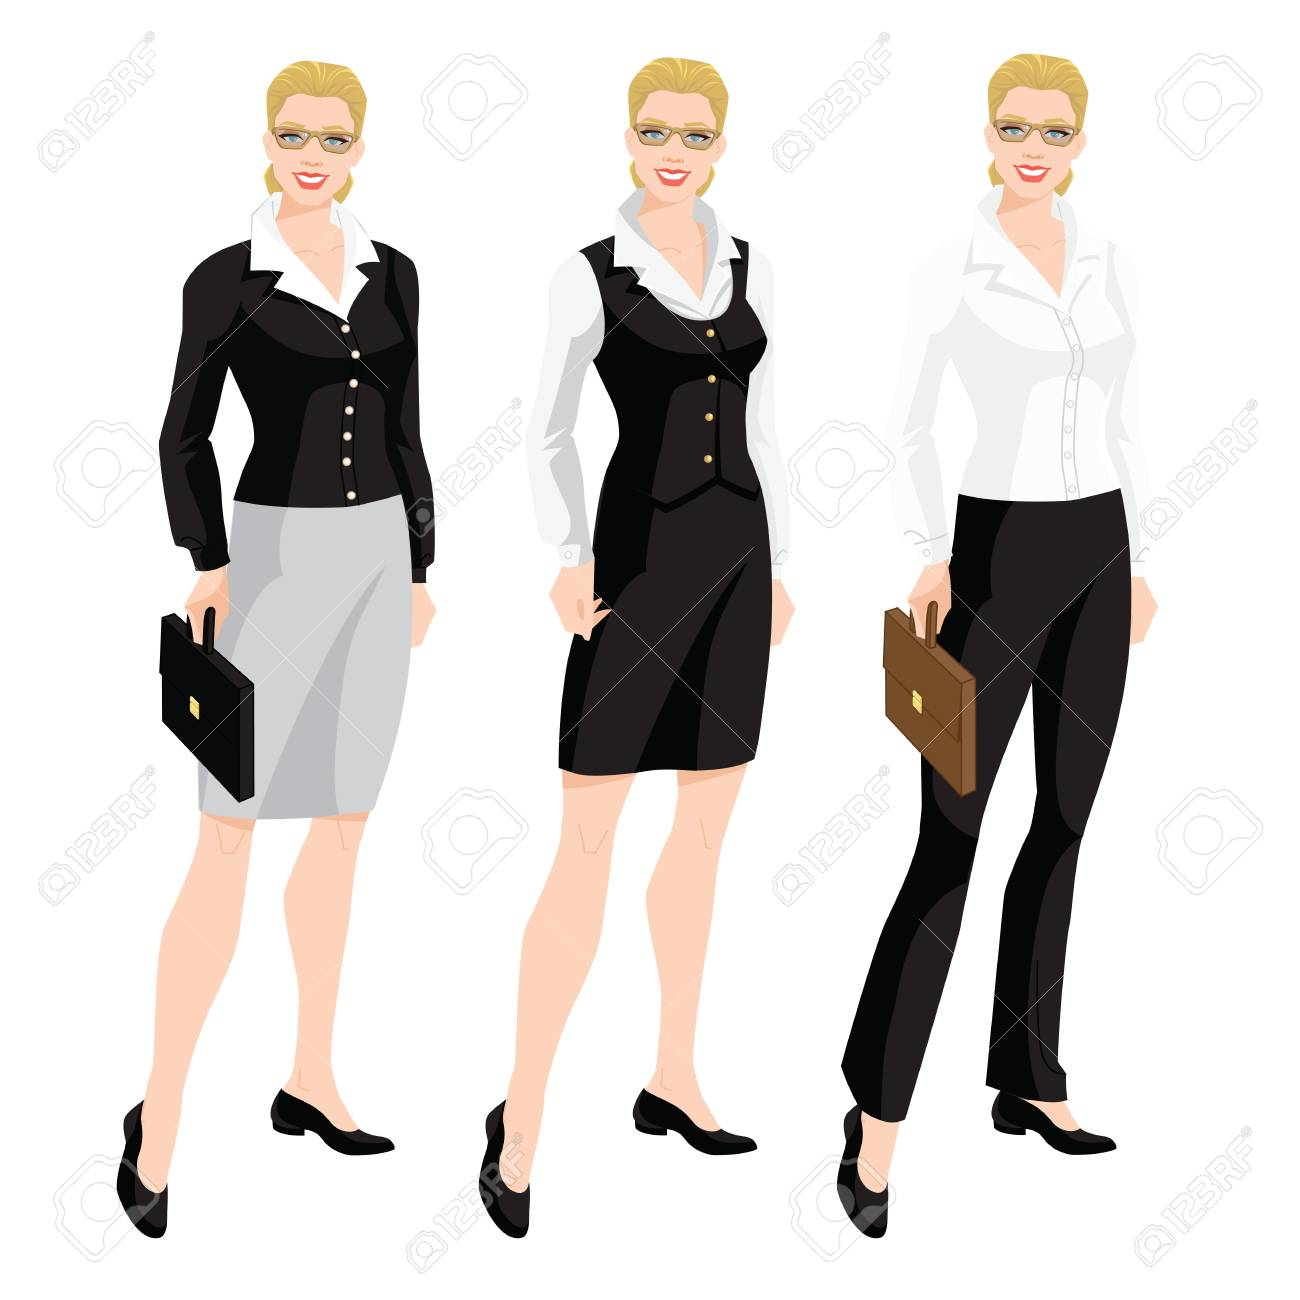 e8b66a228 Foto de archivo - Ilustración de vector de código de vestimenta  corporativo. Mujer de negocios o secretaria en formal vestir. Blusa blanca